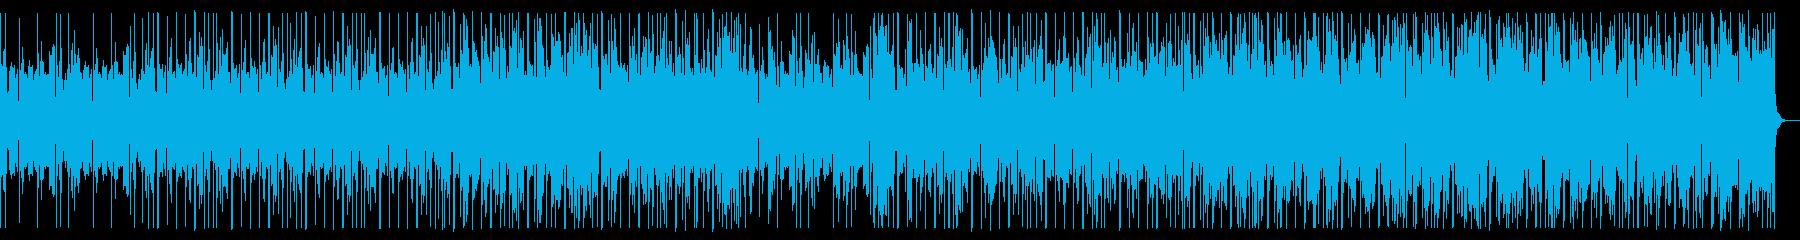 浮遊感/睡魔/生演奏_No533の再生済みの波形